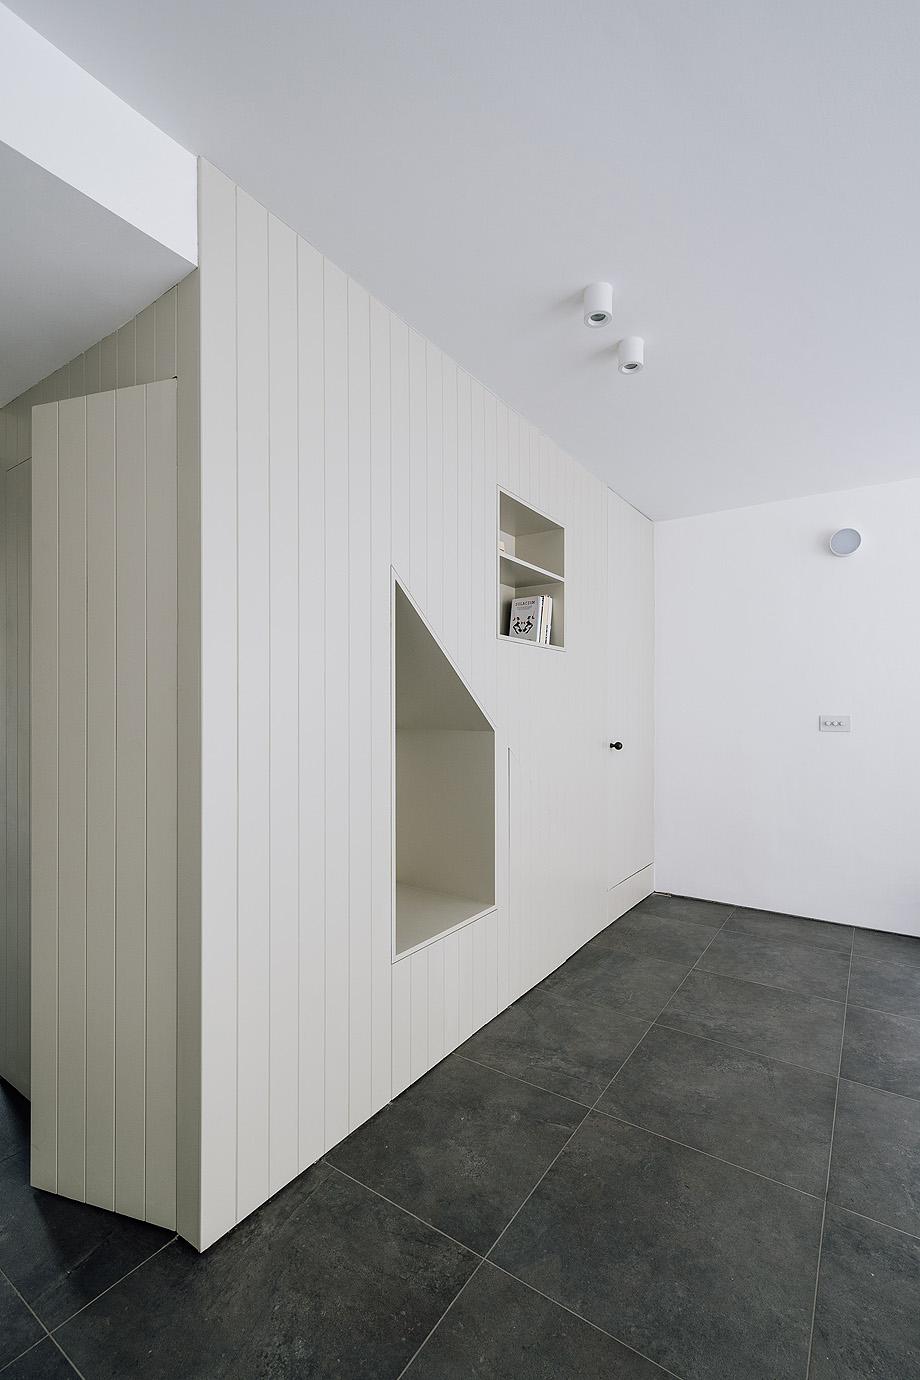 vivienda en candem de df_dc - foto gautier houba (10)